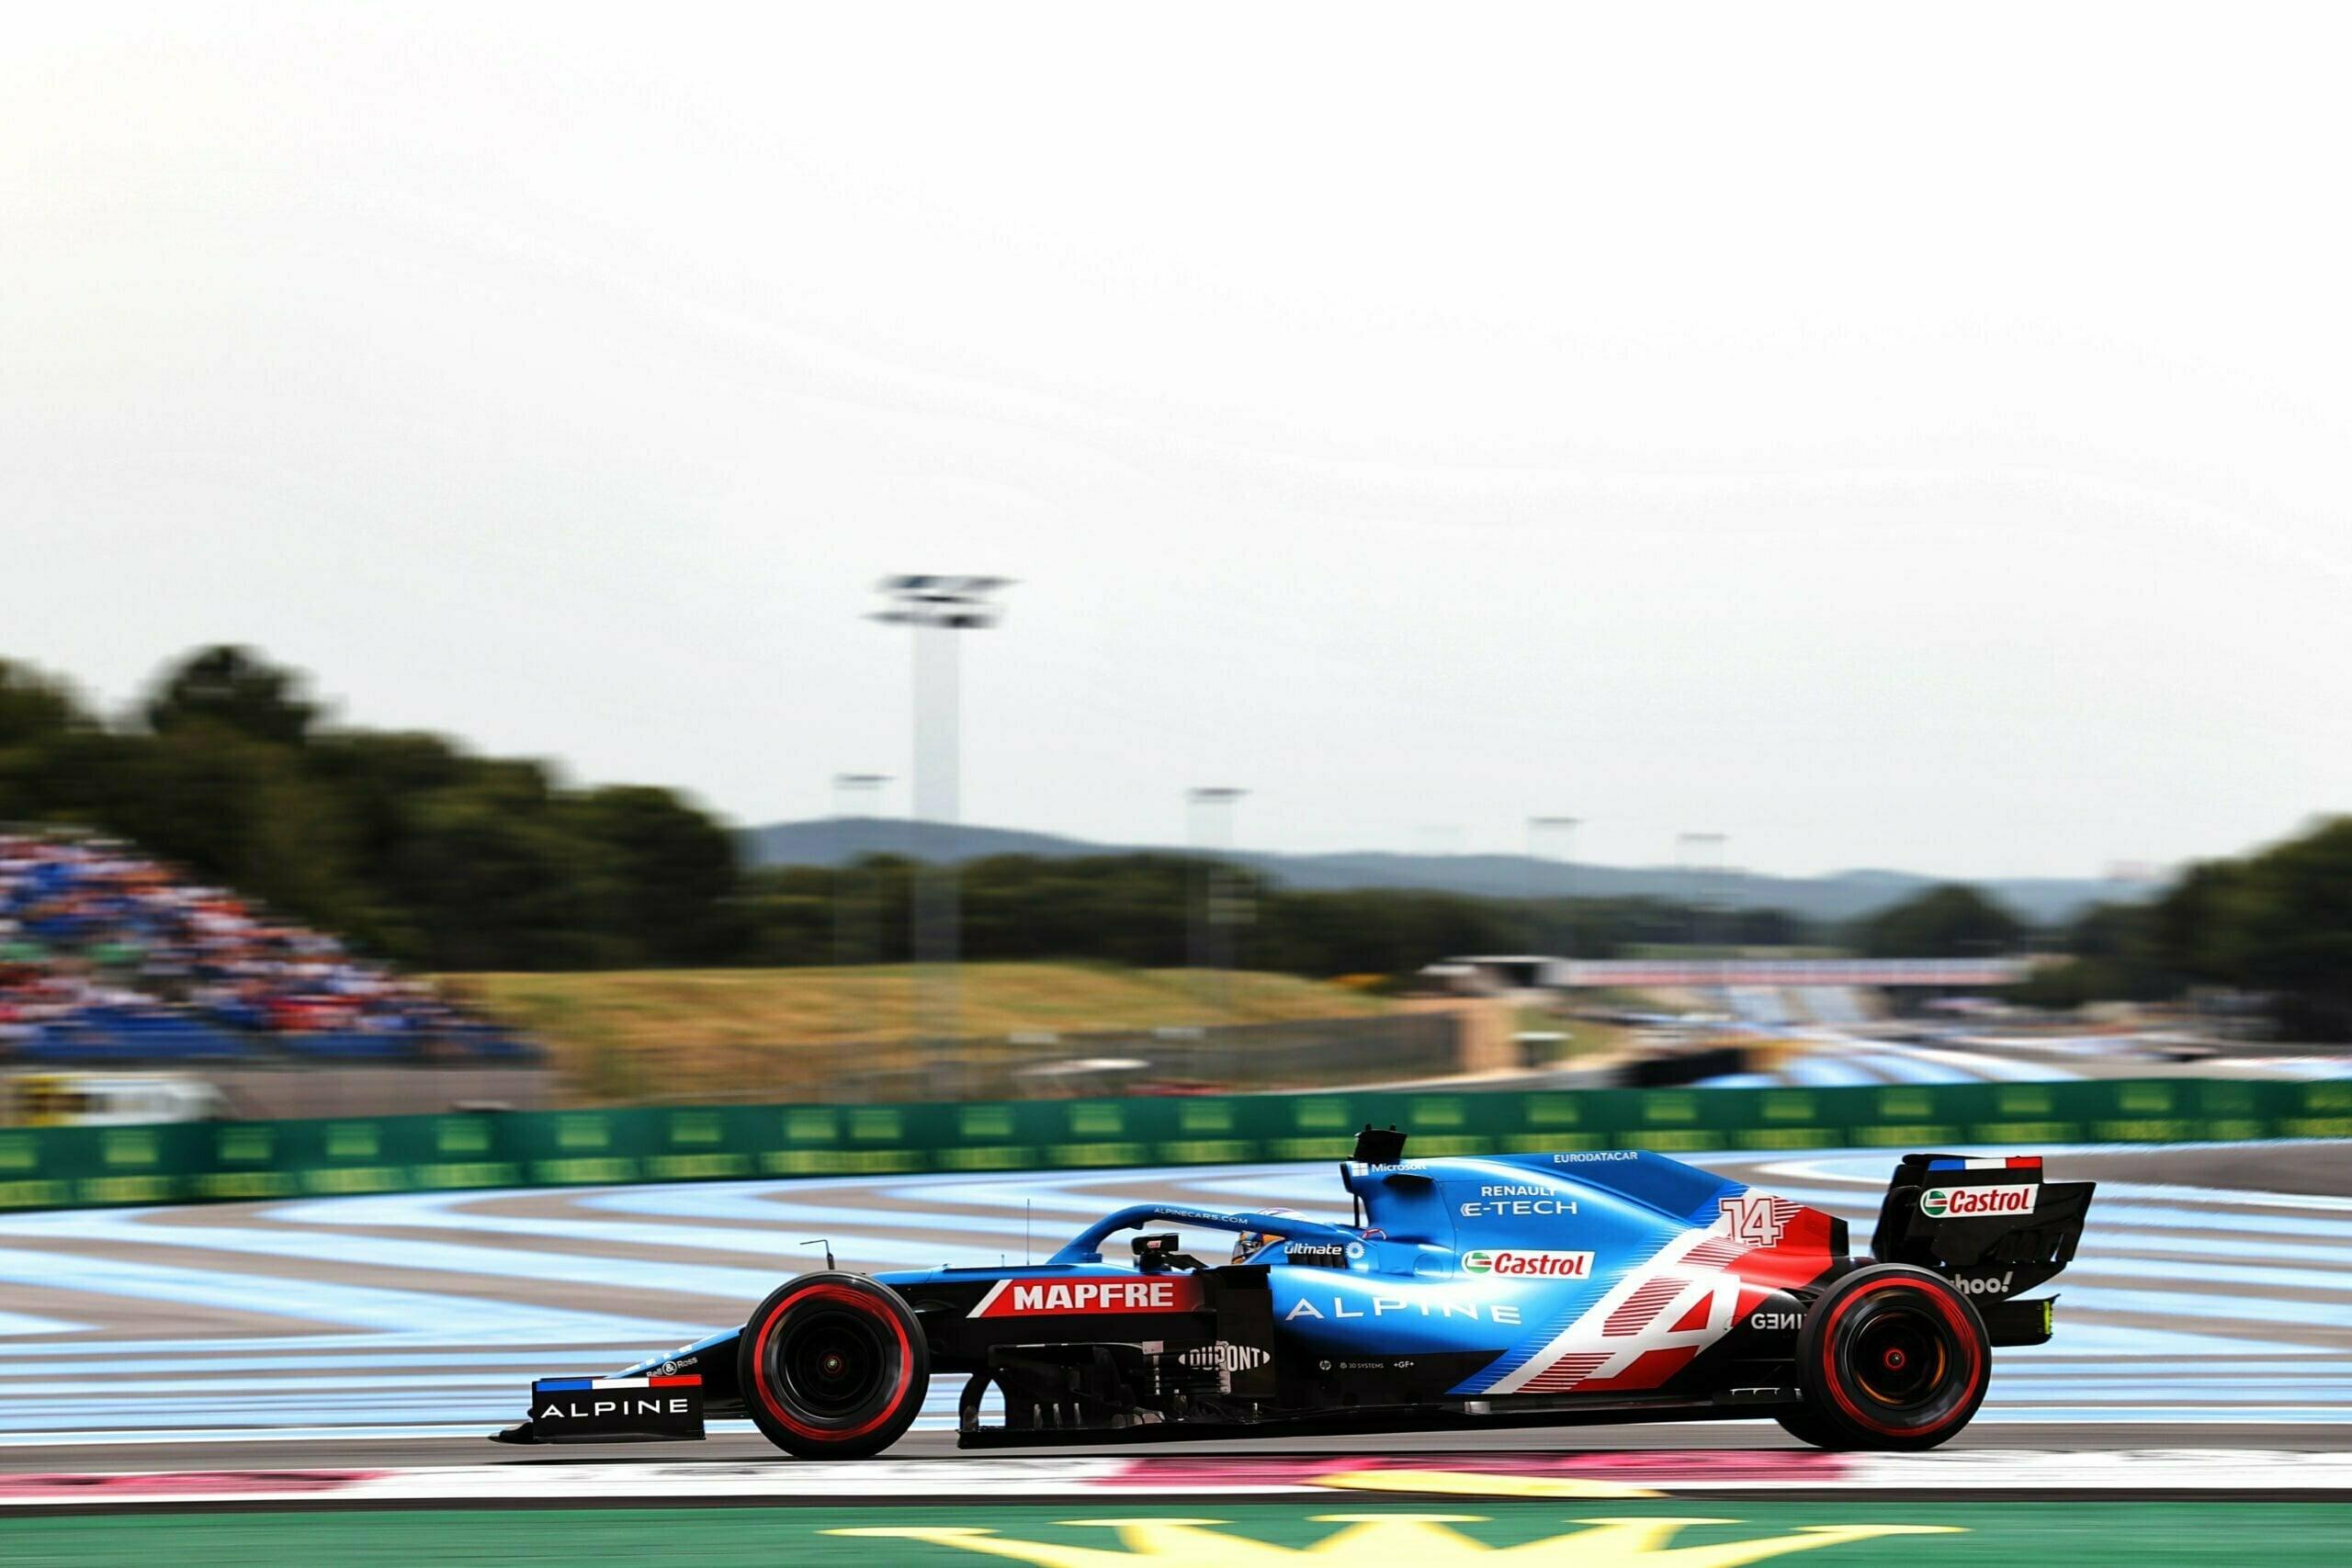 Alpine F1 Team A521 Alonso Ocon Castellet GP FRance 2021 7 scaled   Alpine F1 : Alonso entre en Q3, Ocon bloque en Q2 au Grand-Prix de France